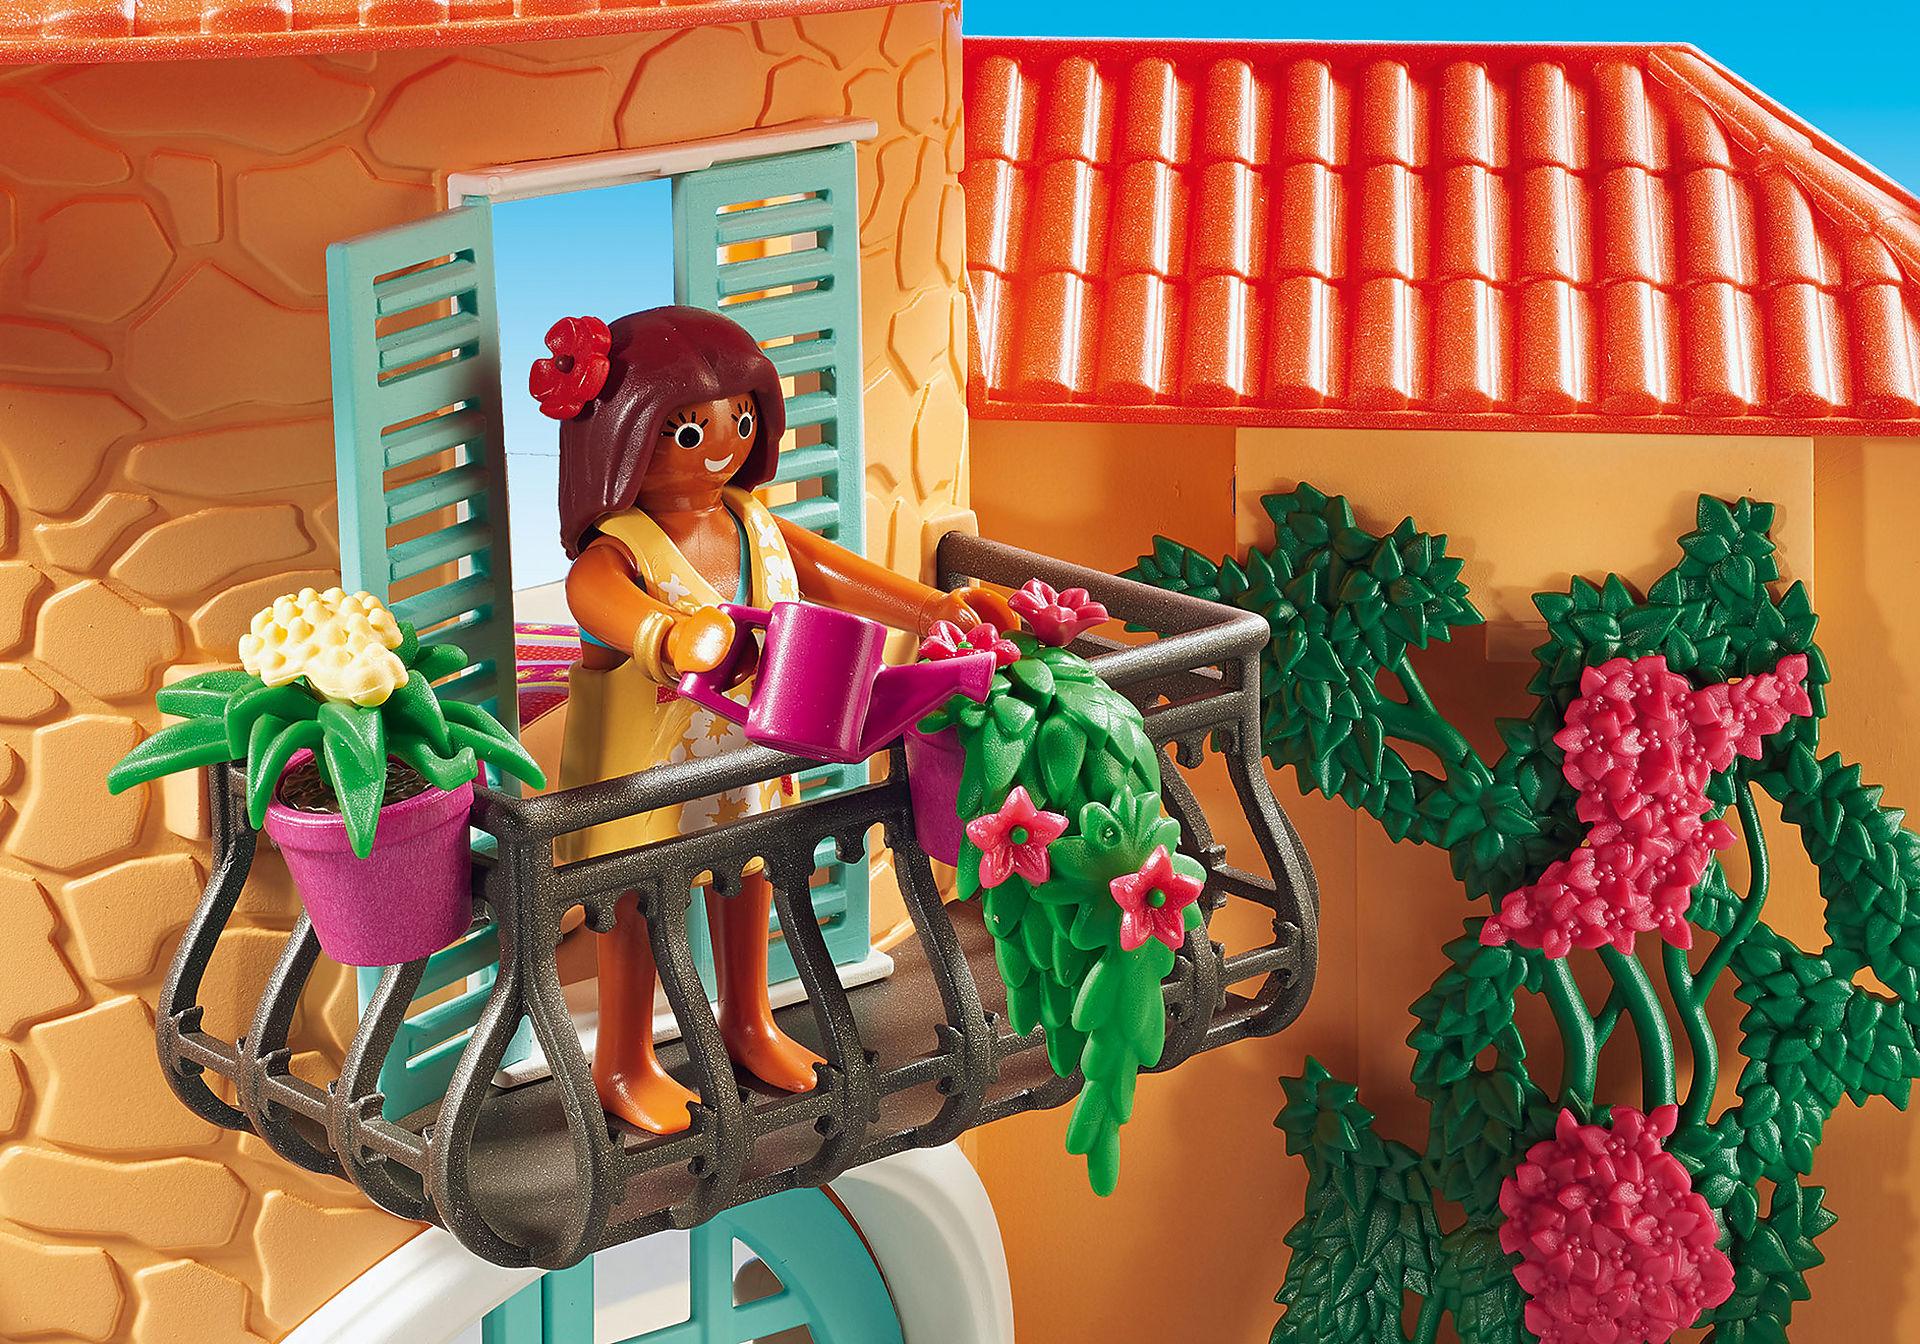 9420 Villa de vacances  zoom image8